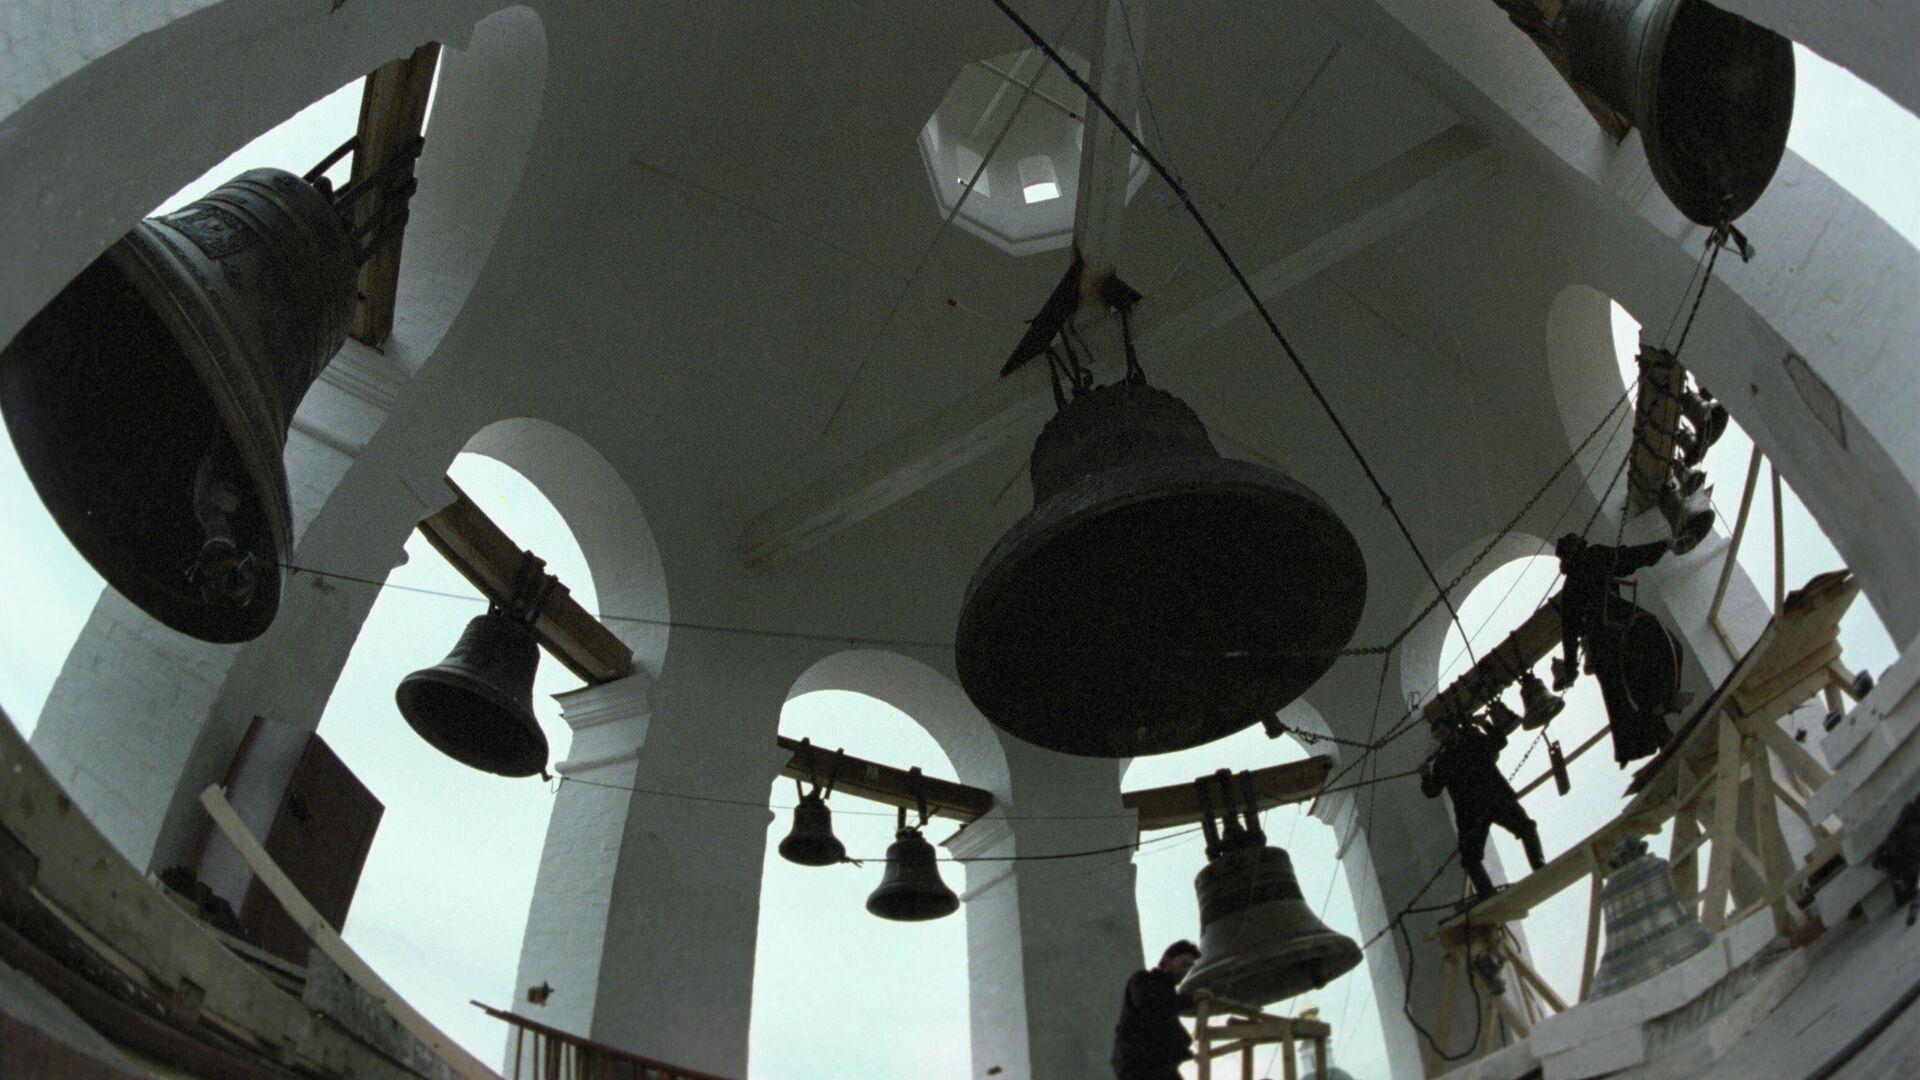 Καμπάνες σε εκκλησία - Sputnik Ελλάδα, 1920, 05.10.2021